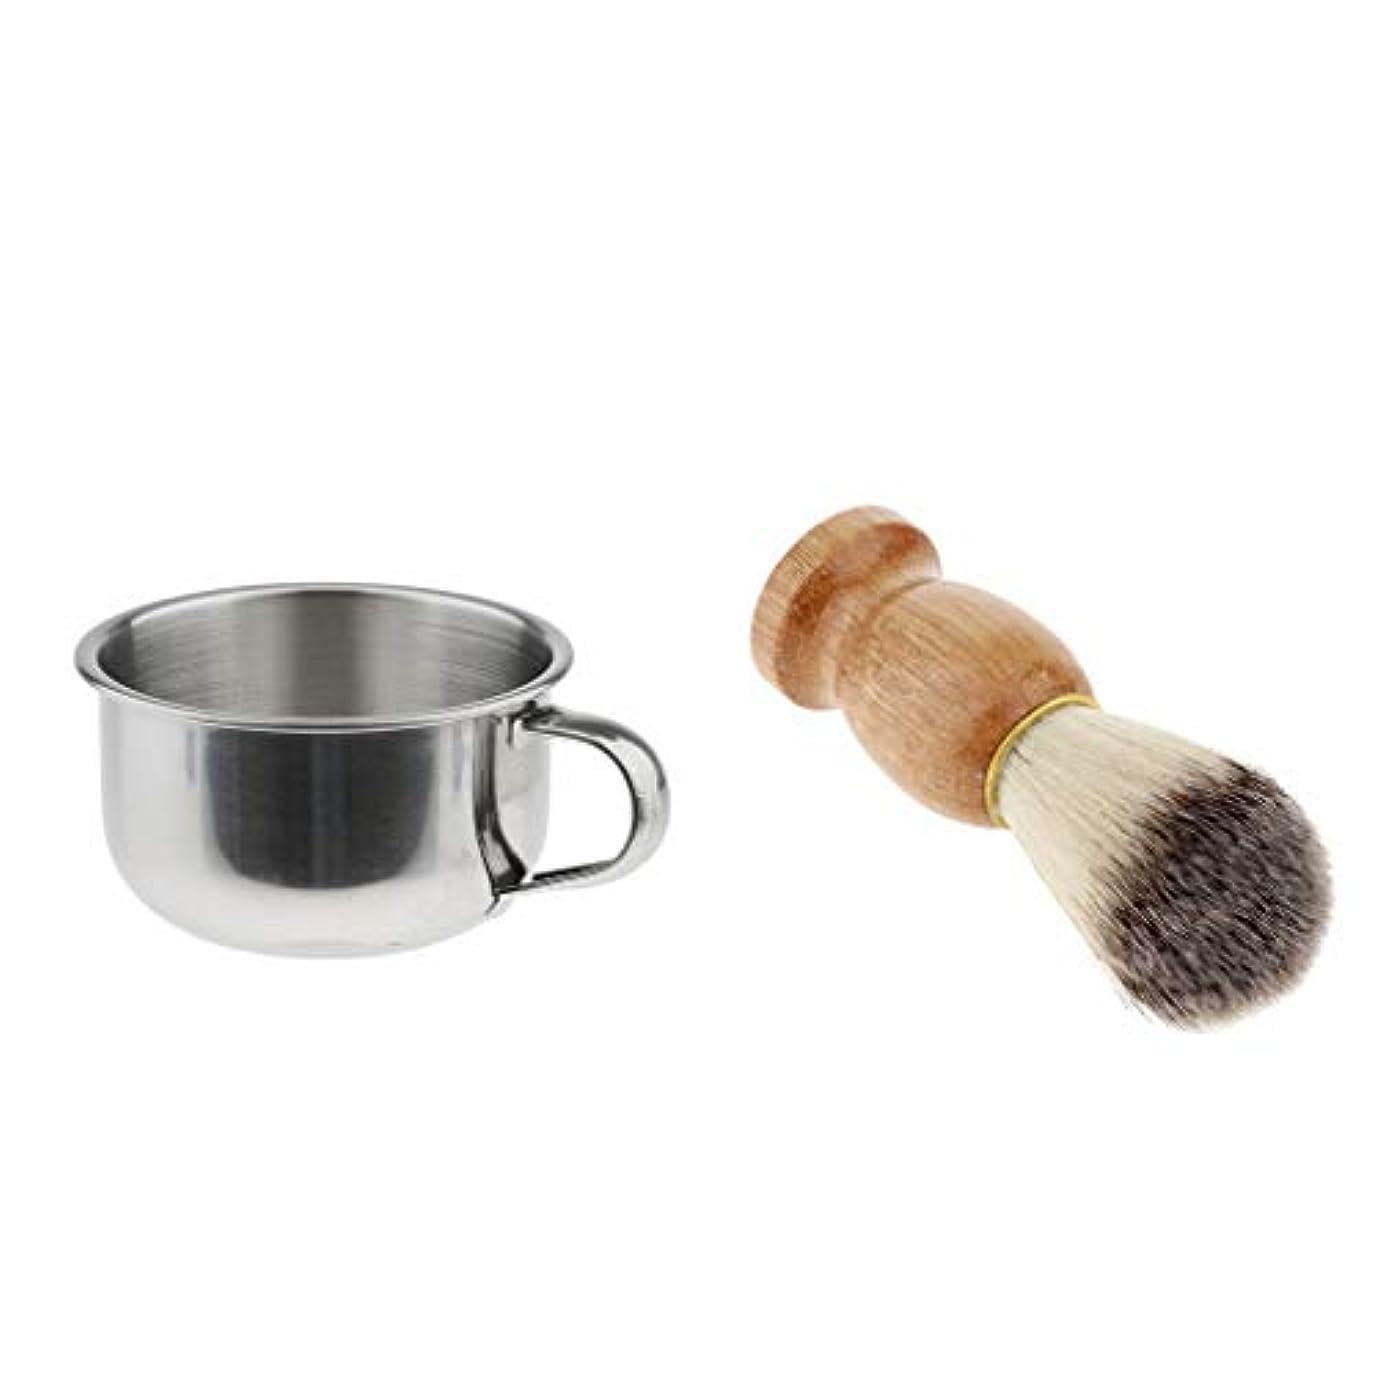 スタッフクローン文献dailymall メンズシェービングブラシ+マグボウルセット、美容院の理髪ひげ石鹸カップ、パーソナルケア